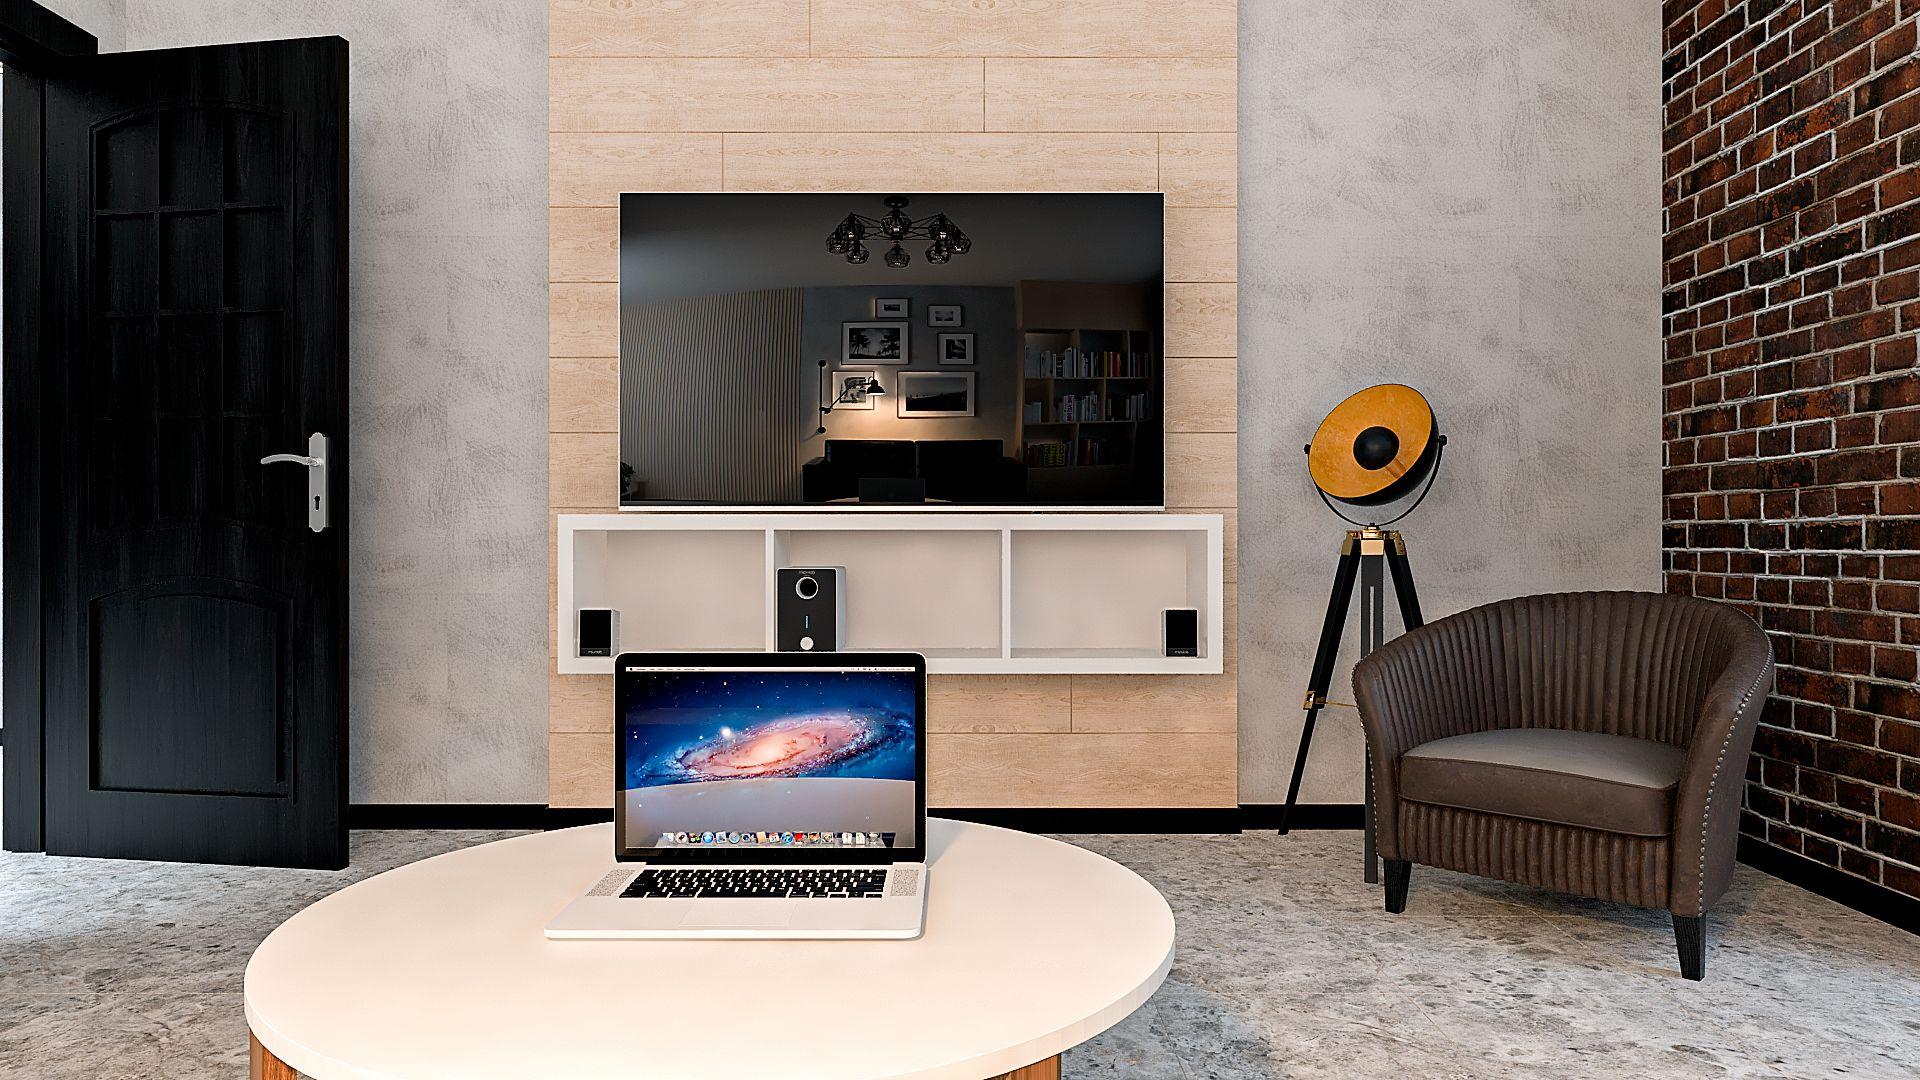 Дизайн однокомнатной квартиры в Гомеле, Гостиная - спальня в стиле лофт в квартире изображение 3, вид на большой телевизор, стена с обшивкой деревом